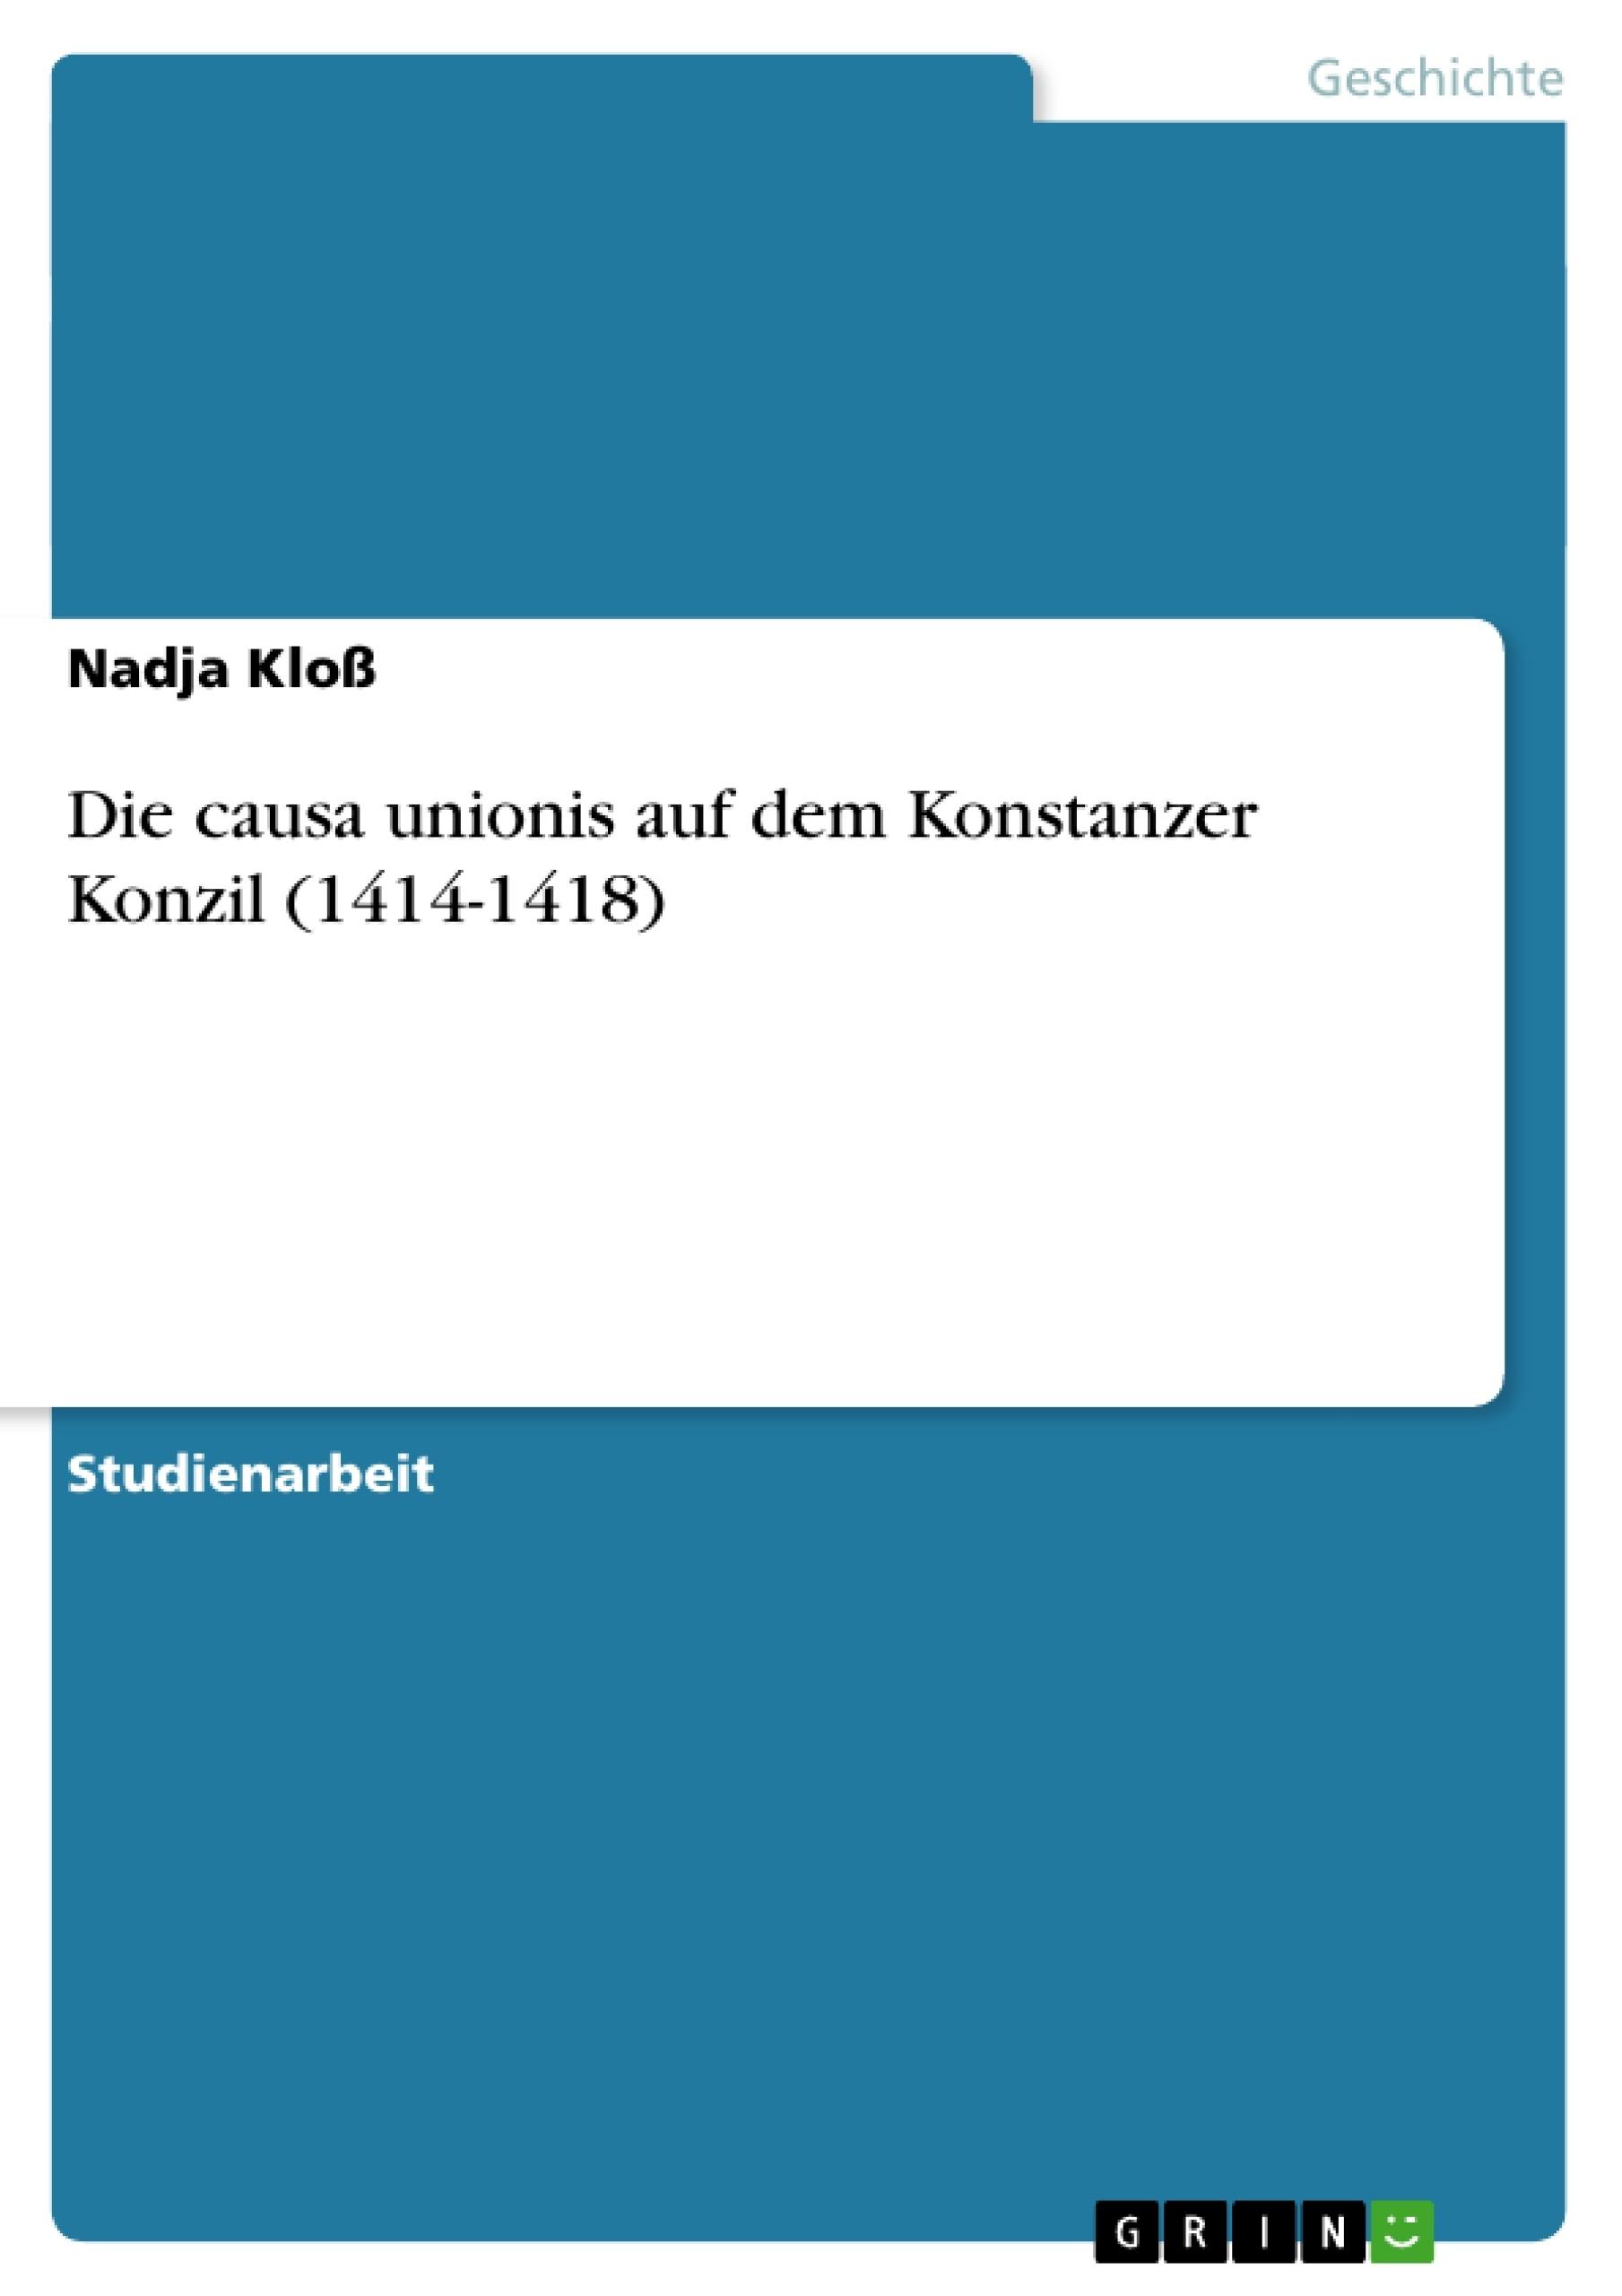 Titel: Die causa unionis auf dem  Konstanzer Konzil (1414-1418)